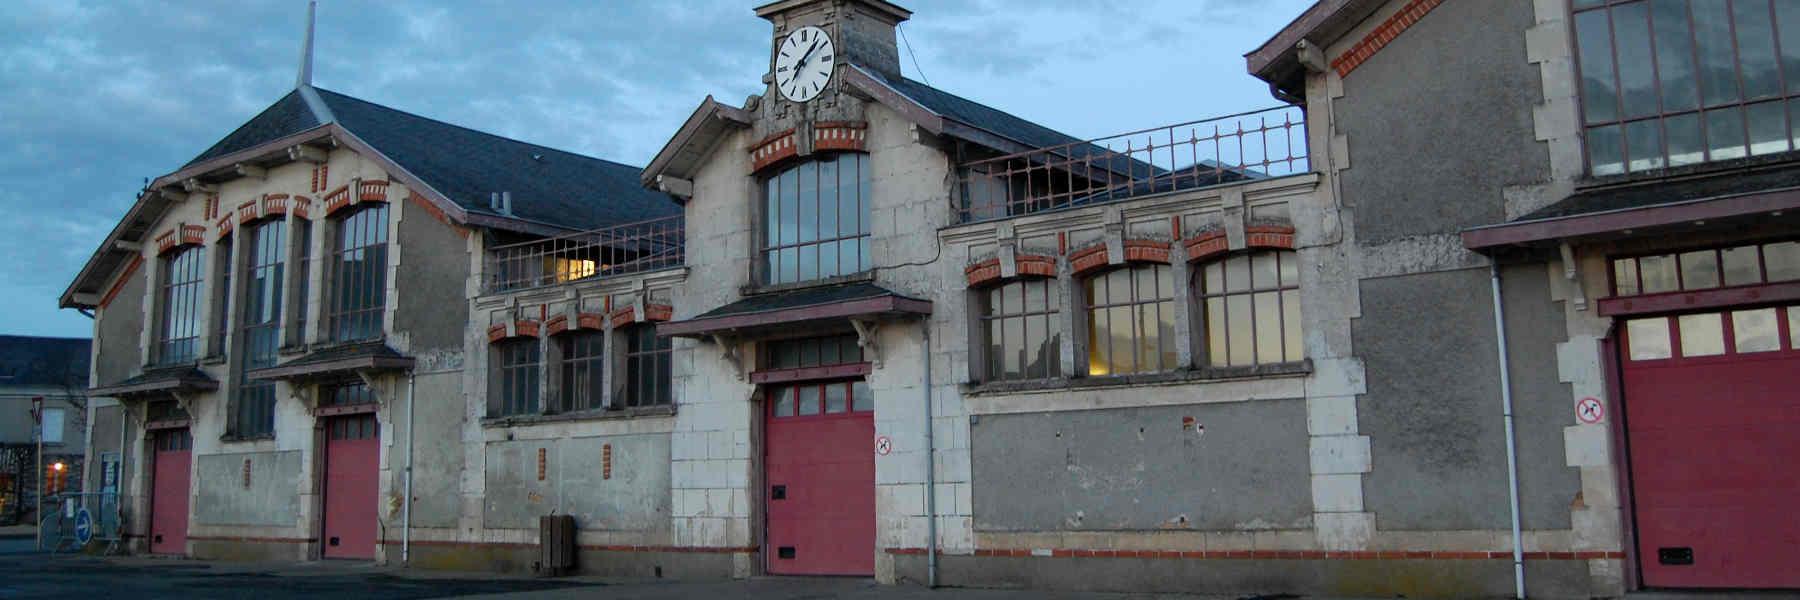 Visite de la ville de Thouars